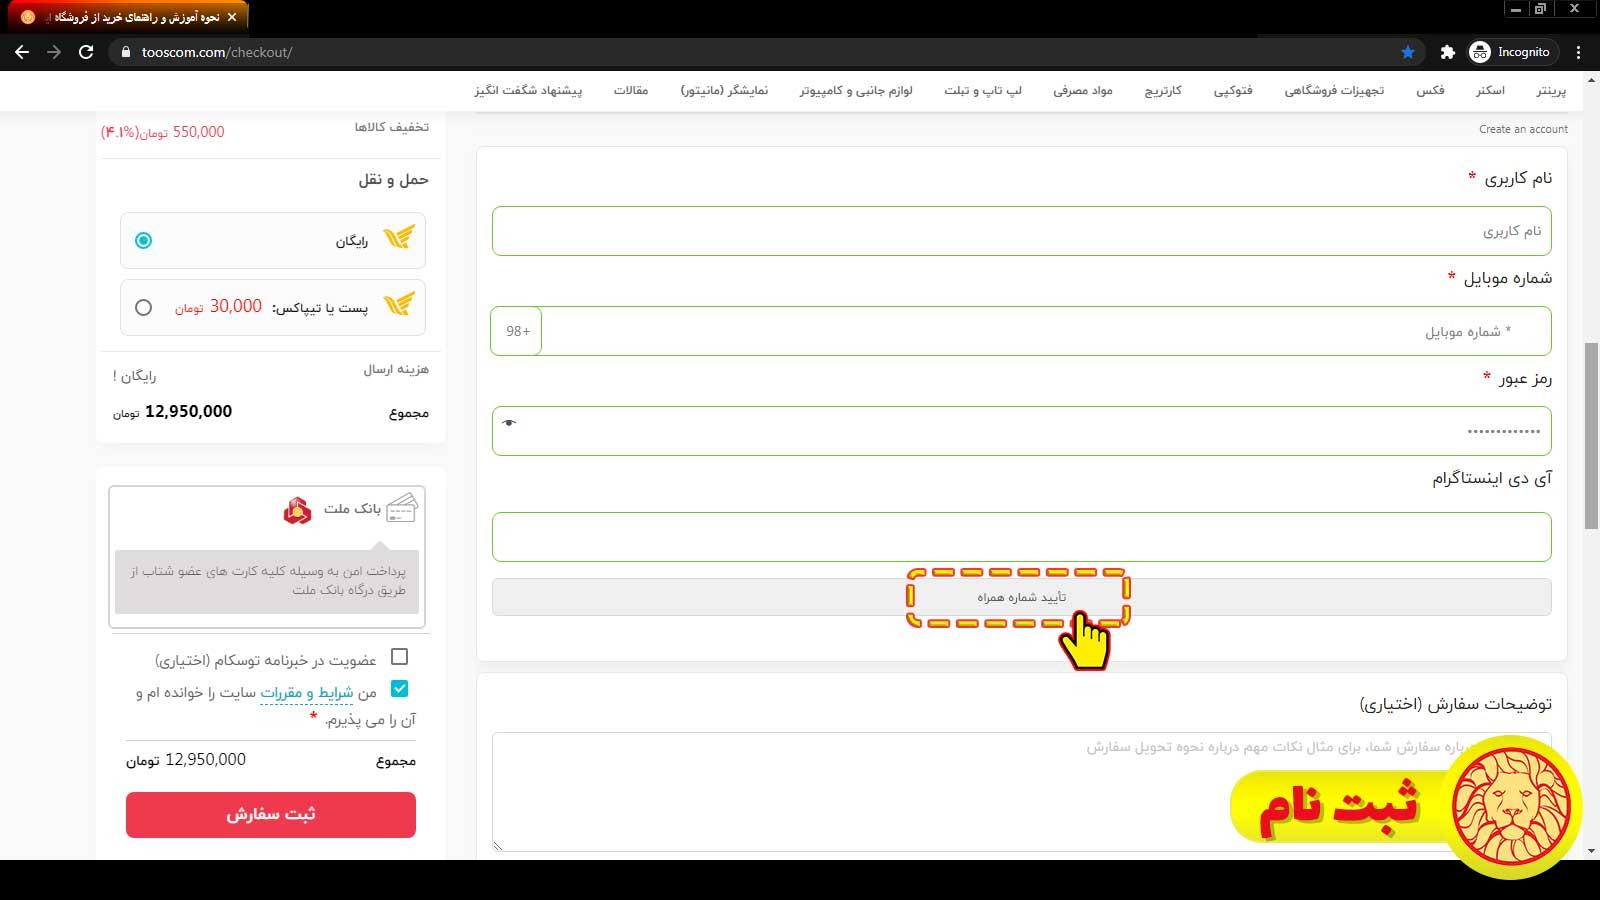 ثبت نام   راهنمای خرید از توسکام